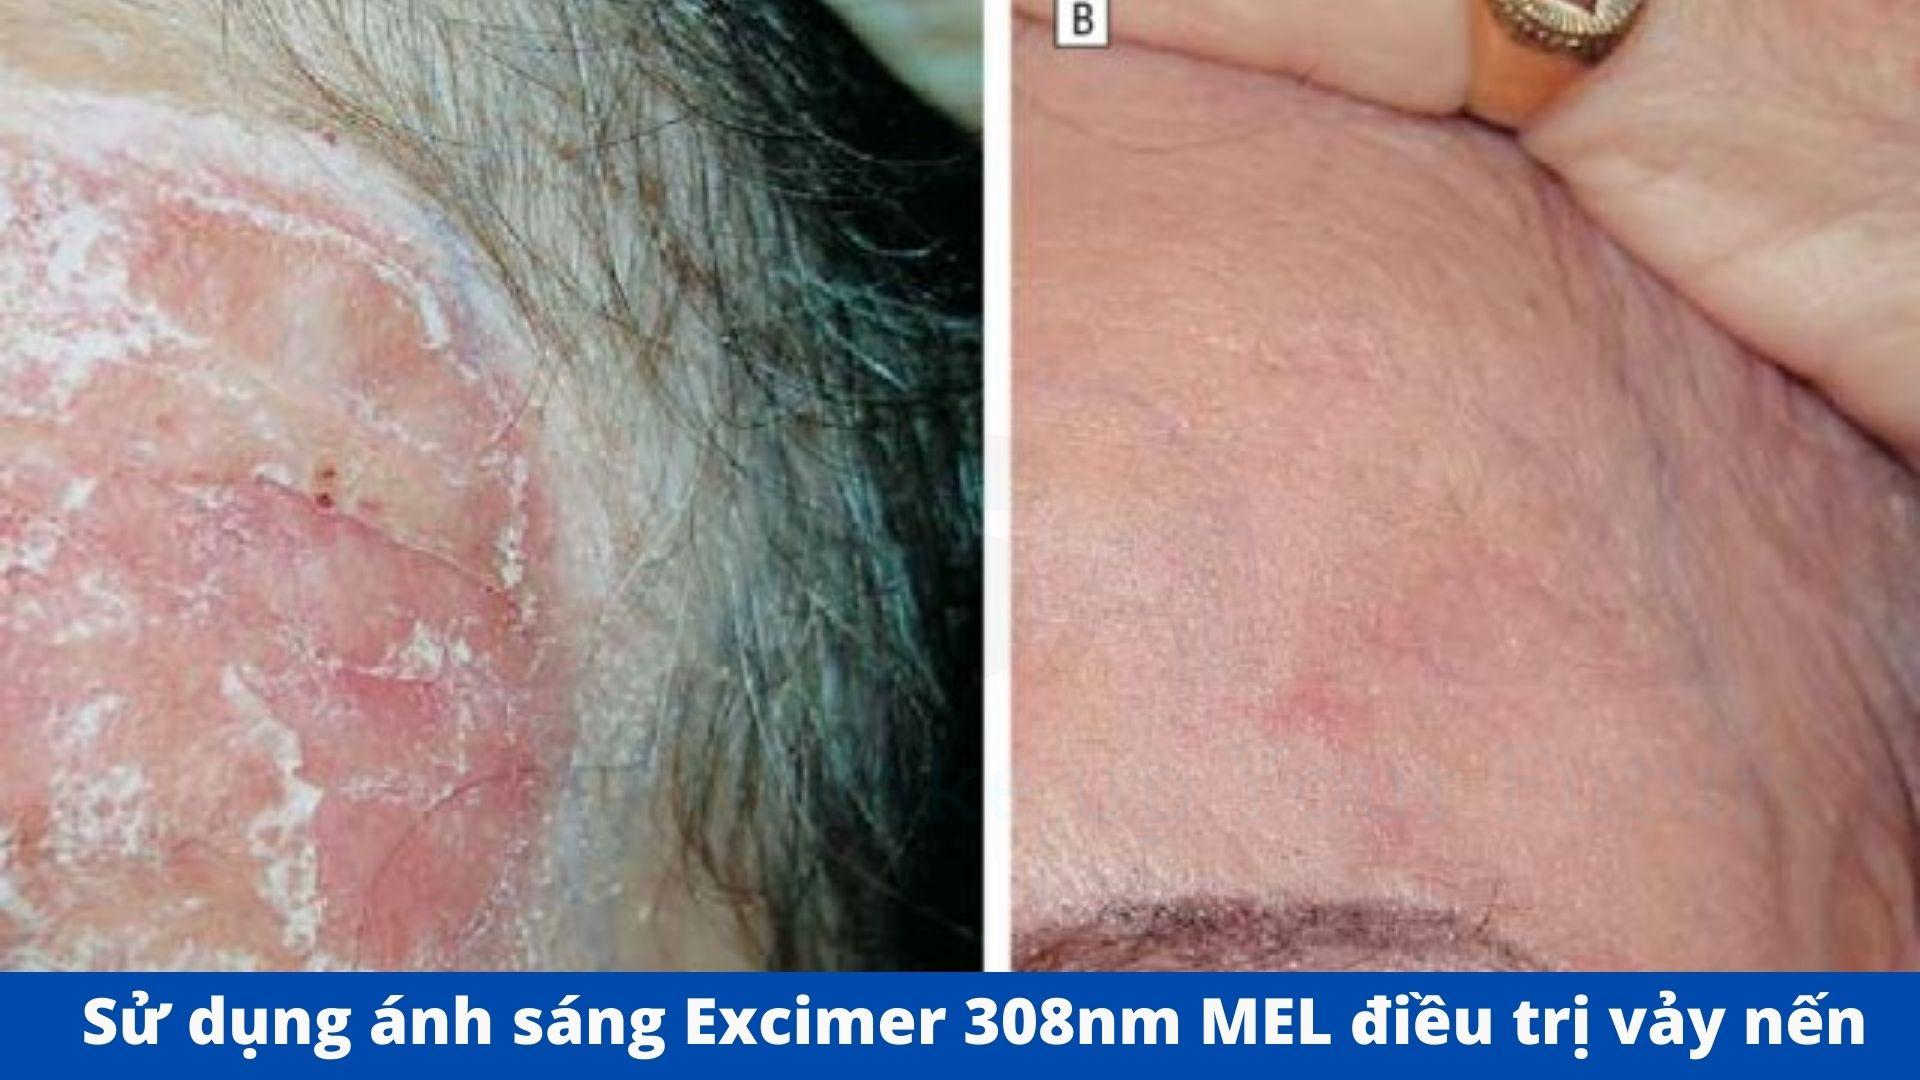 Sử dụng ánh sáng Excimer điều trị bệnh vảy nến